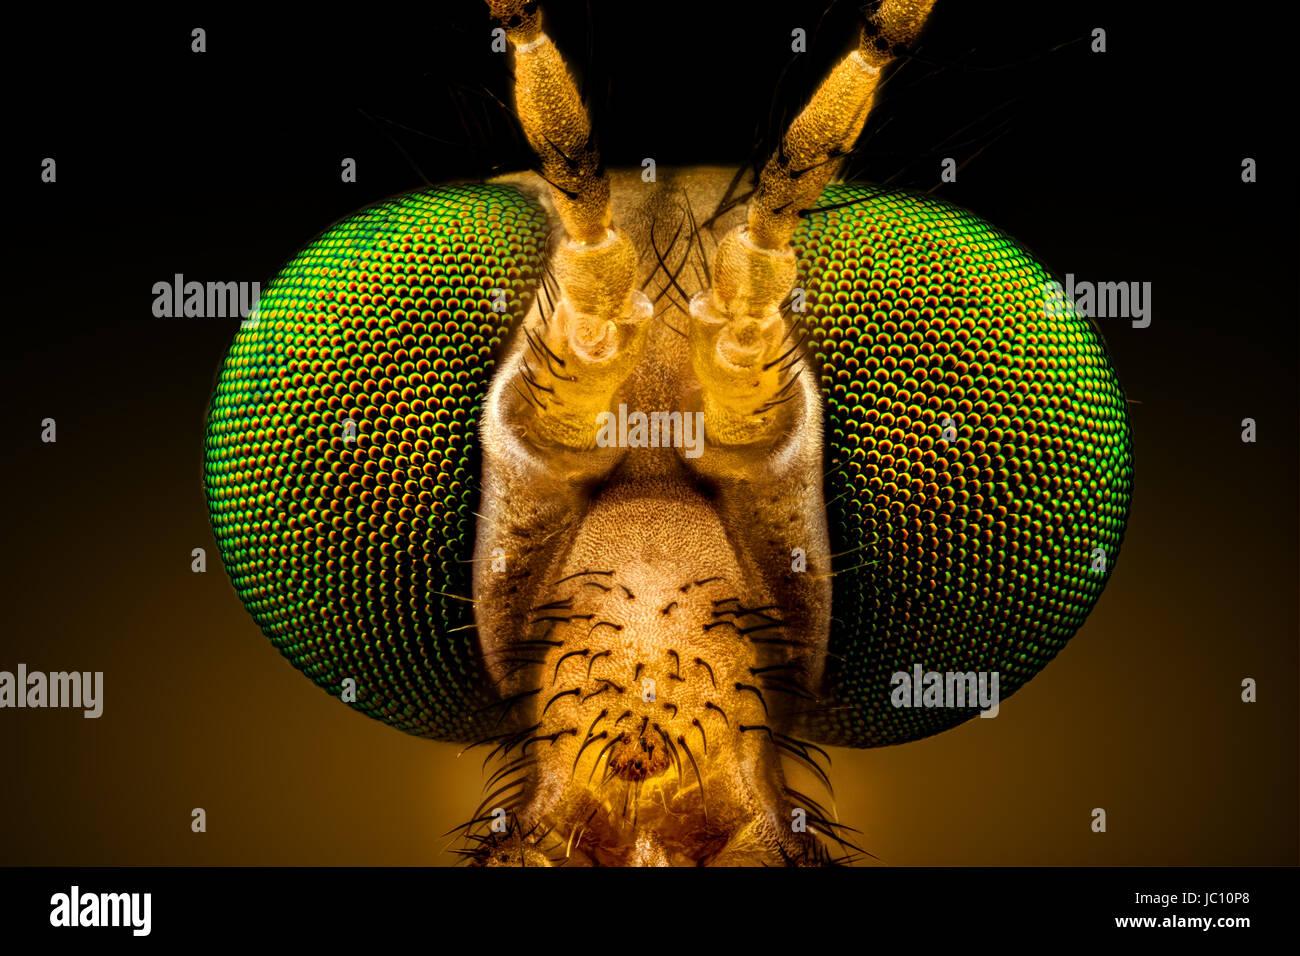 Extreme macro - frontale completo ritratto di un green eyed gru fly, amplificati attraverso un obiettivo del microscopio Immagini Stock